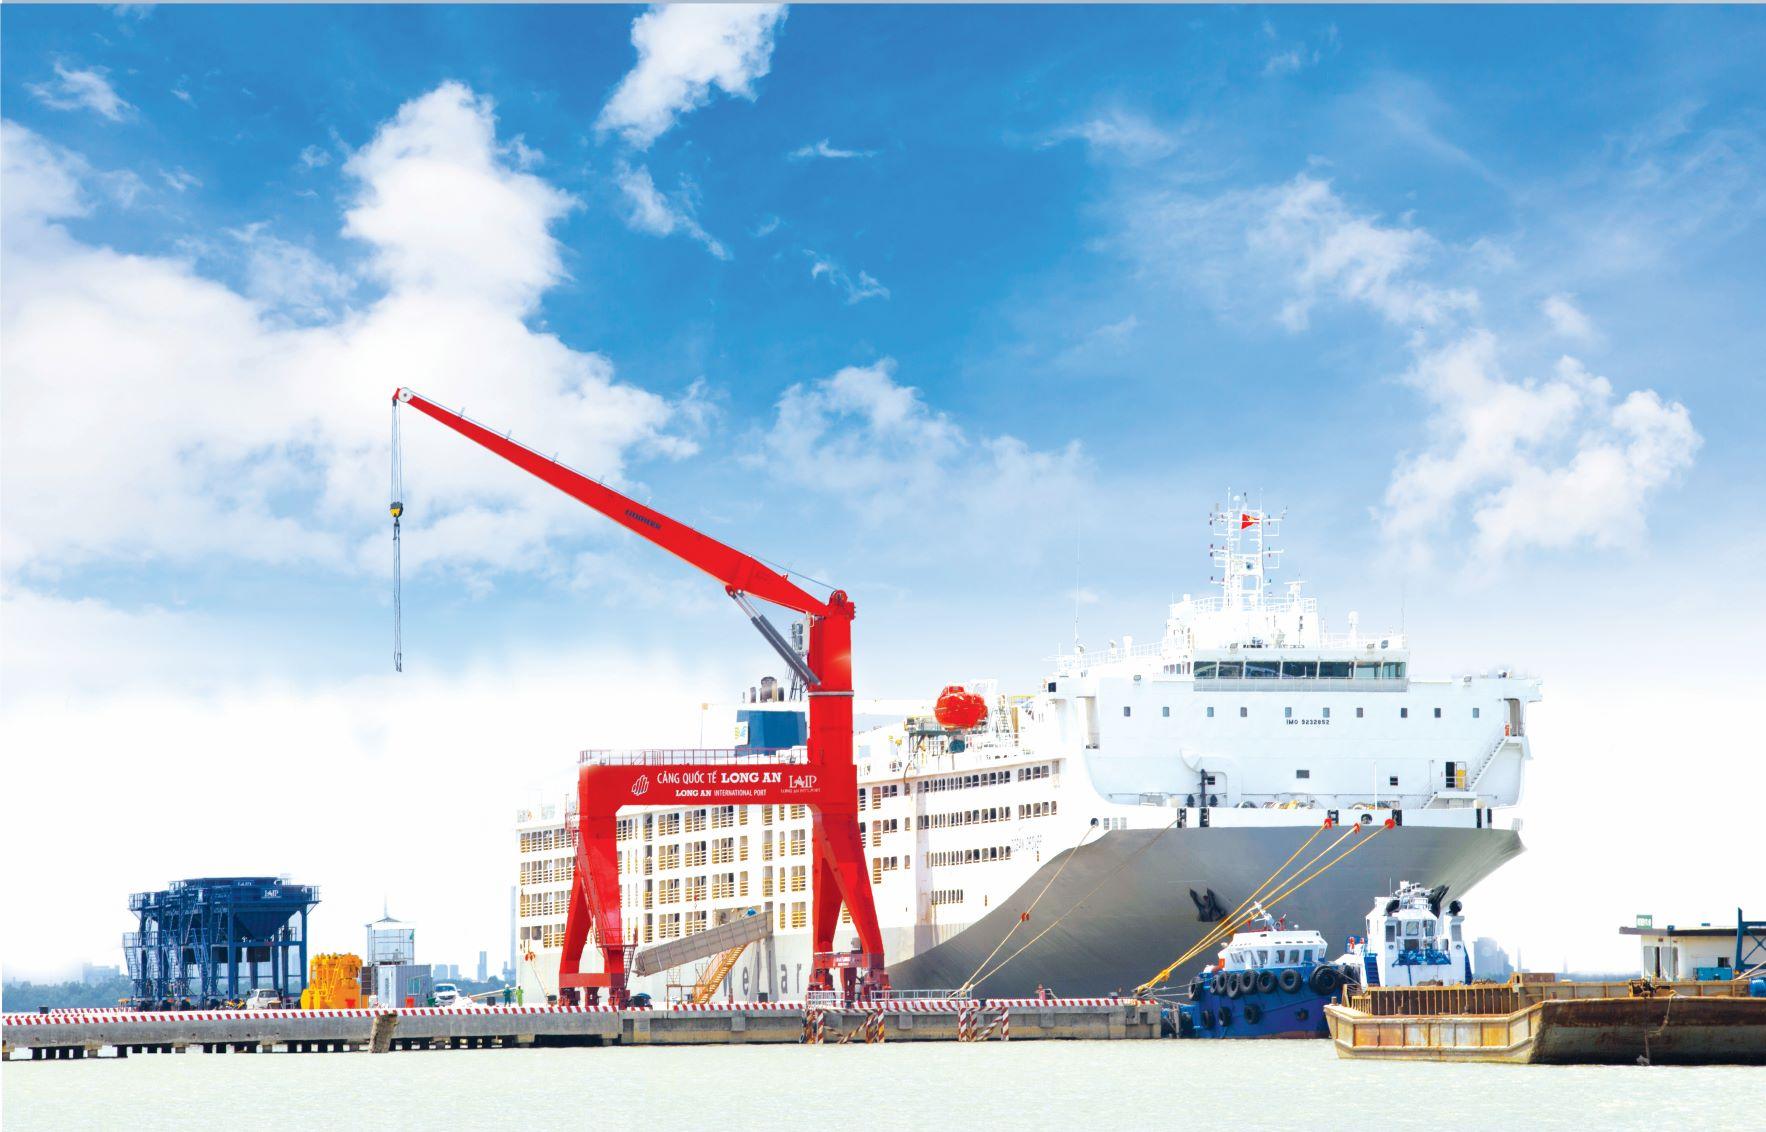 Đồng Tâm Group khánh thành giai đoạn 1 và khởi công giai đoạn 2 - Cảng Quốc tế Long An 5